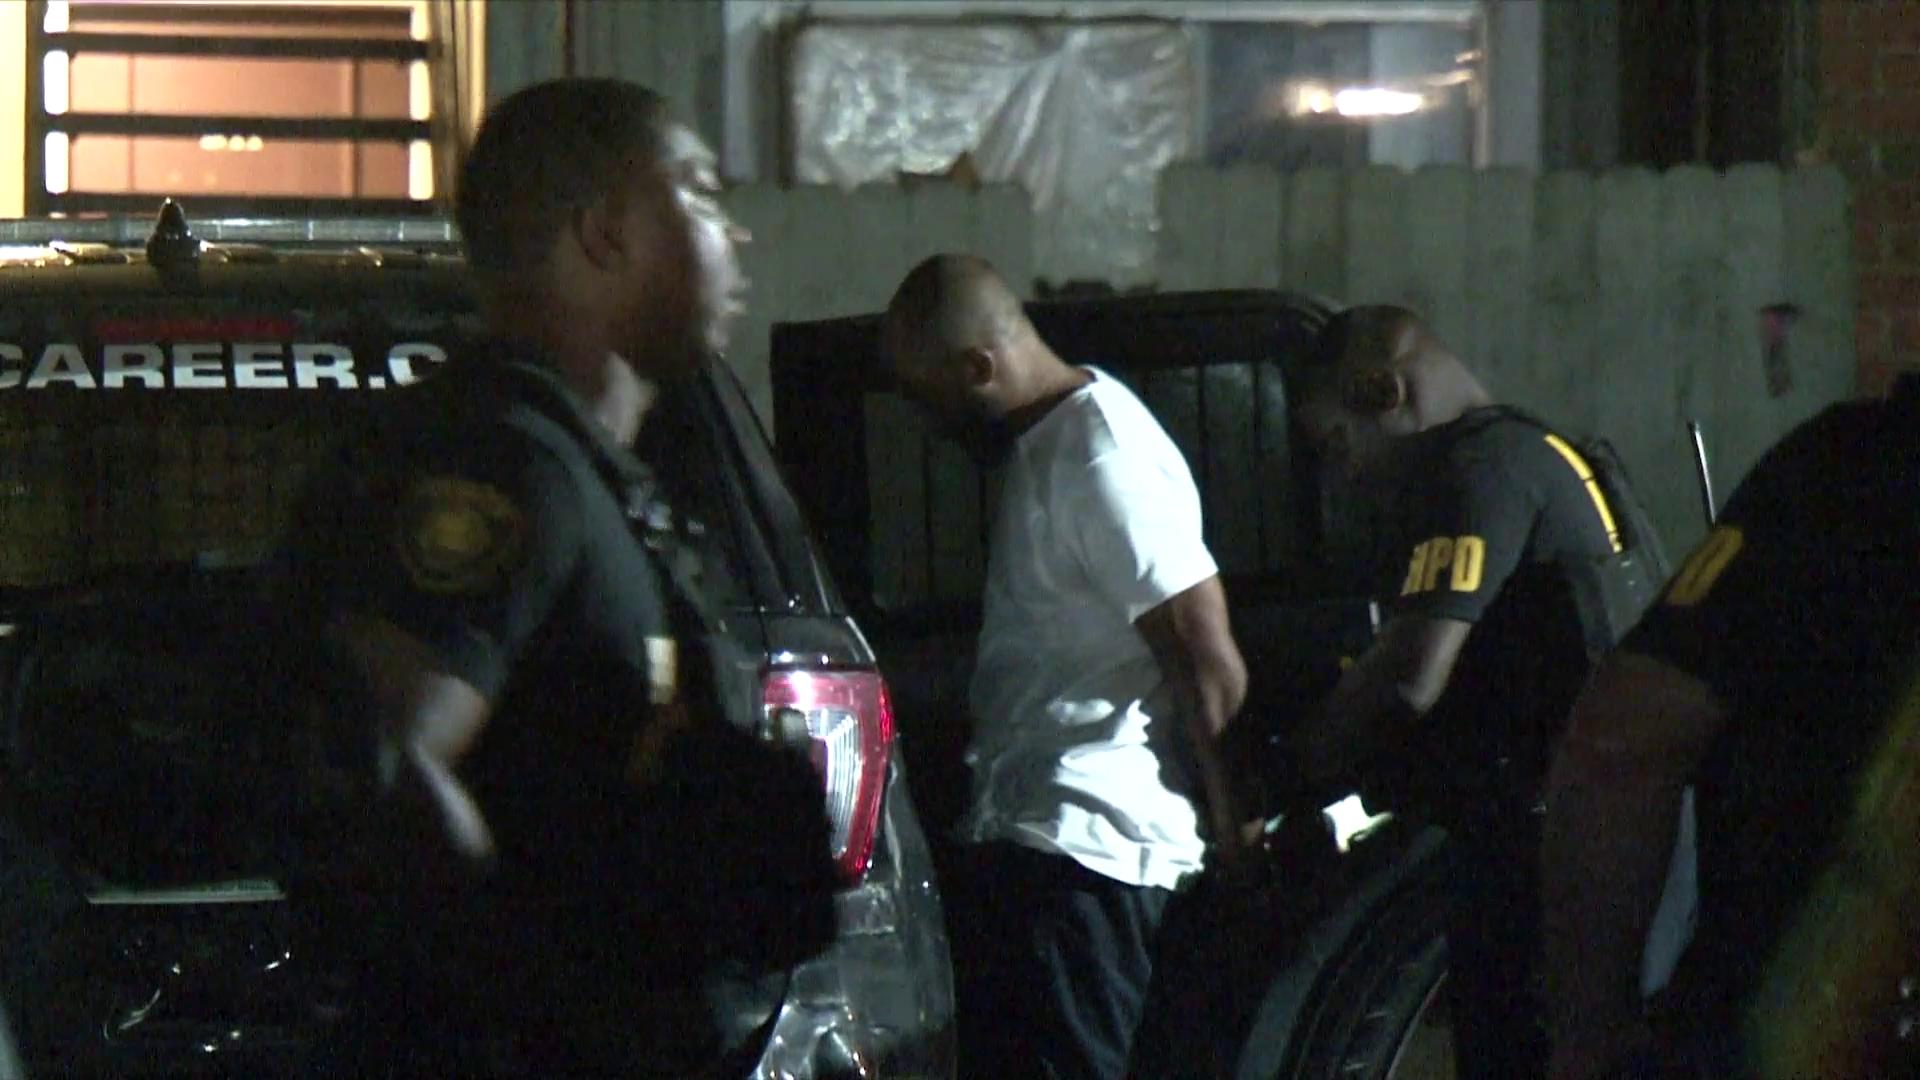 Man shot dead outside Bissonnet St. apartment complex in southwest Houston